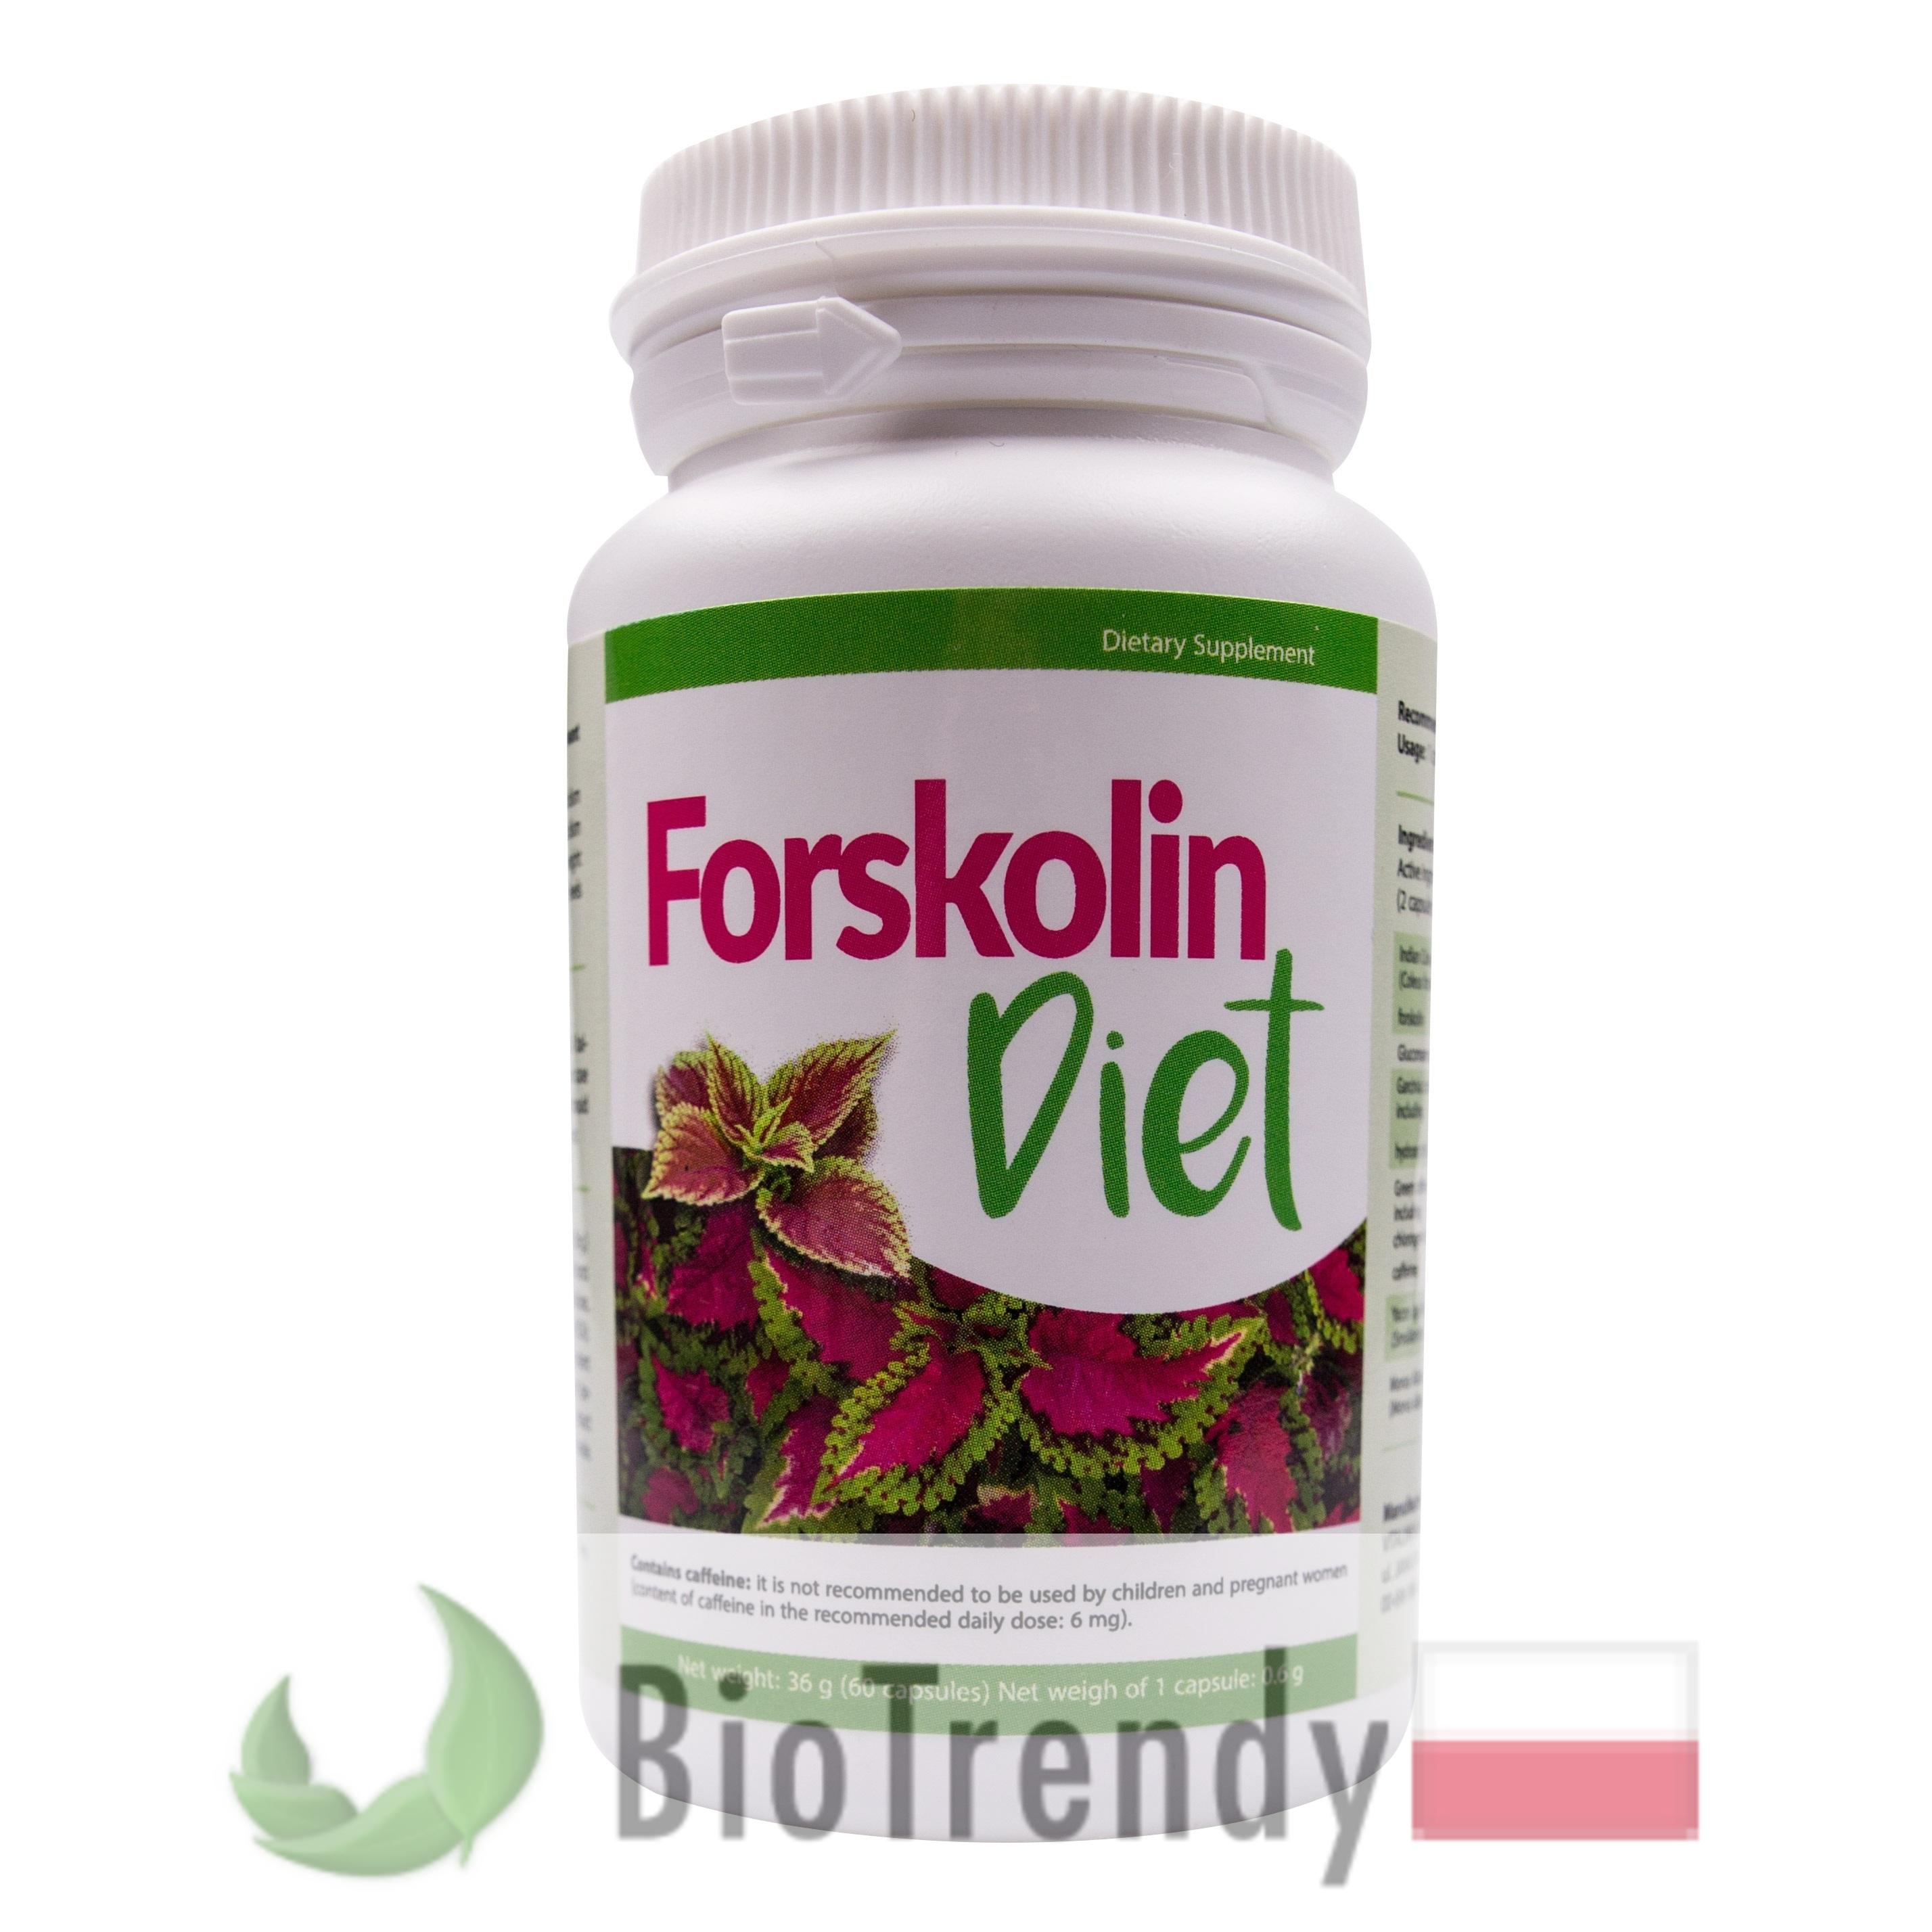 Forskolina - Forskolin - Pokrzywa indyjska - Plectranthus barbatus - Coleus Forskohlii - Forskolina opinie - Forskolina cena - pokrzywa indyjska opinie